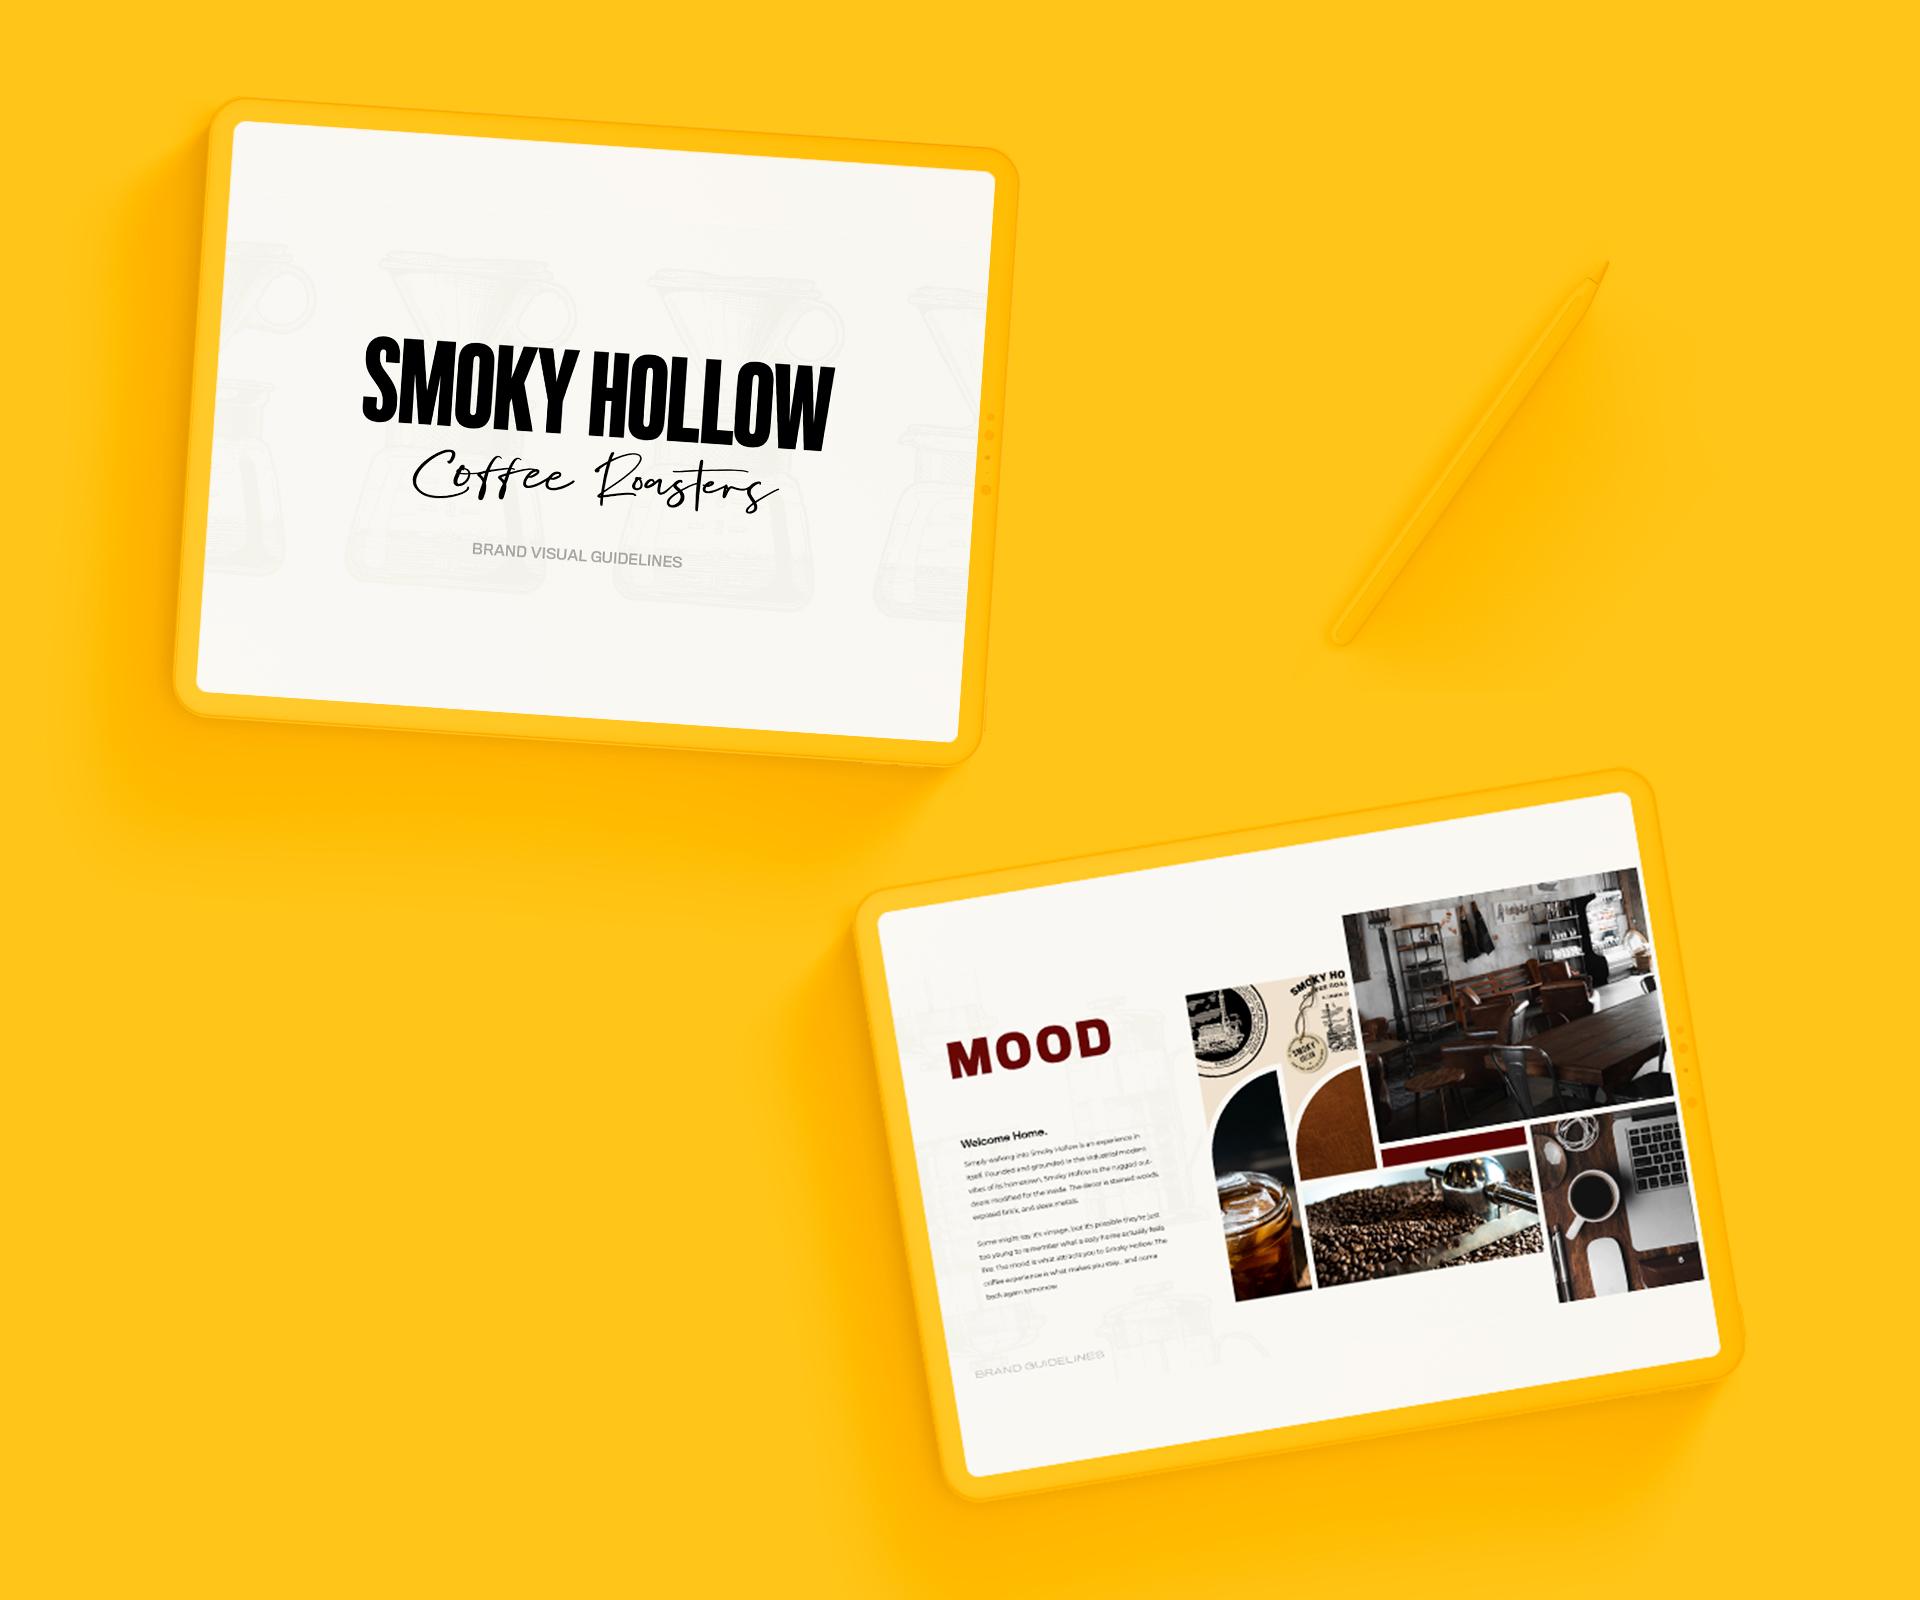 Smoky Hollow Coffee Roasters Brand Design